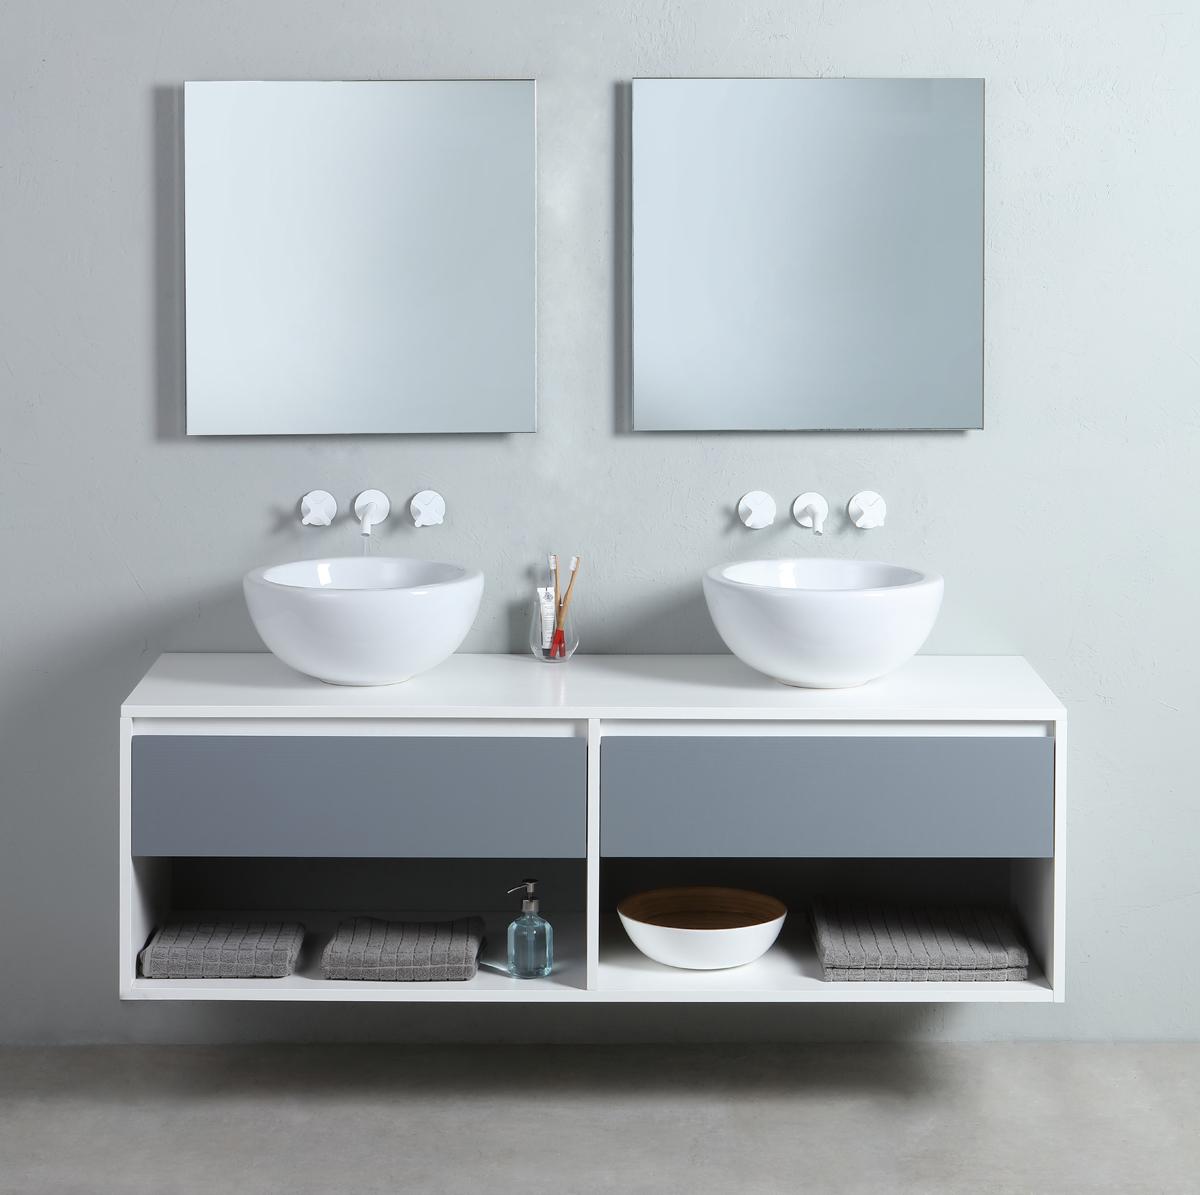 Mobile bagno sospeso Frame